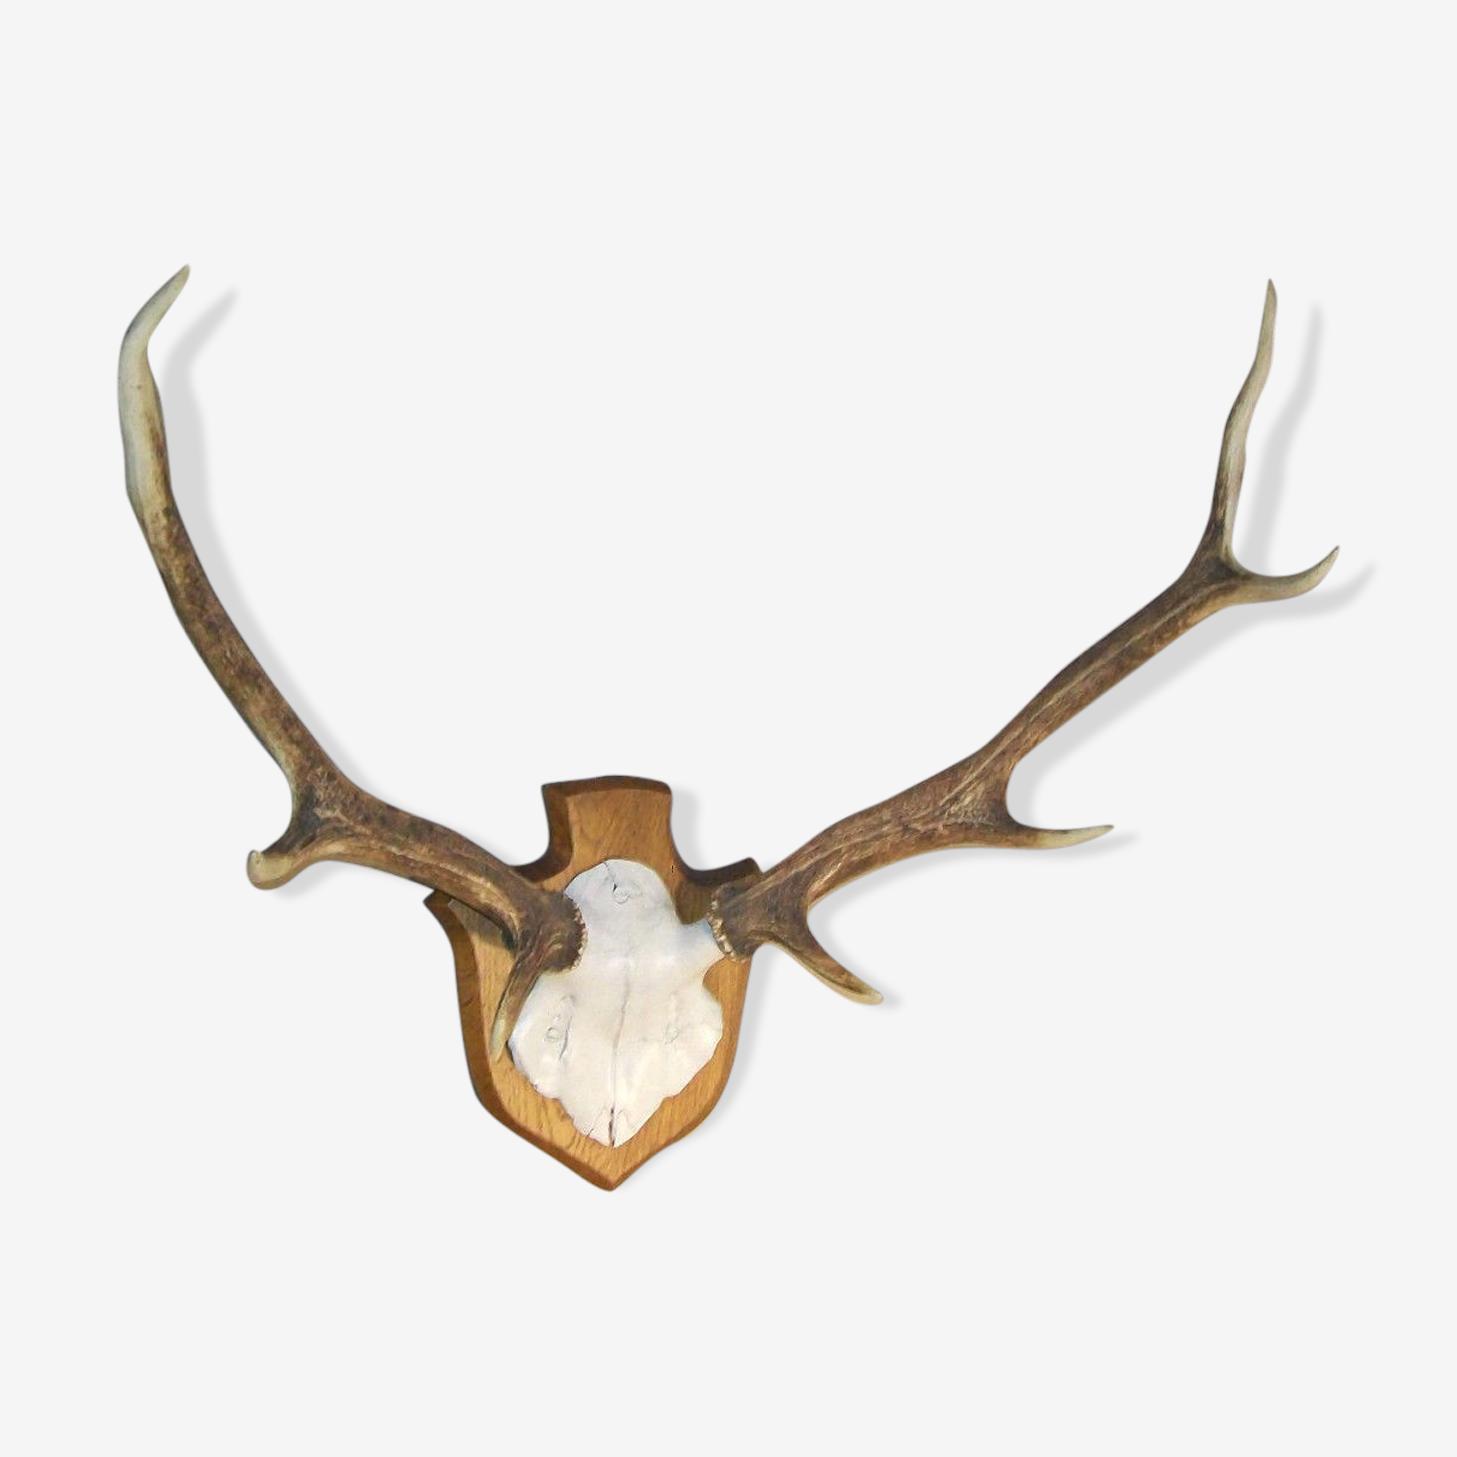 Ancien trophée de chasse massacre cerf sur bois corne